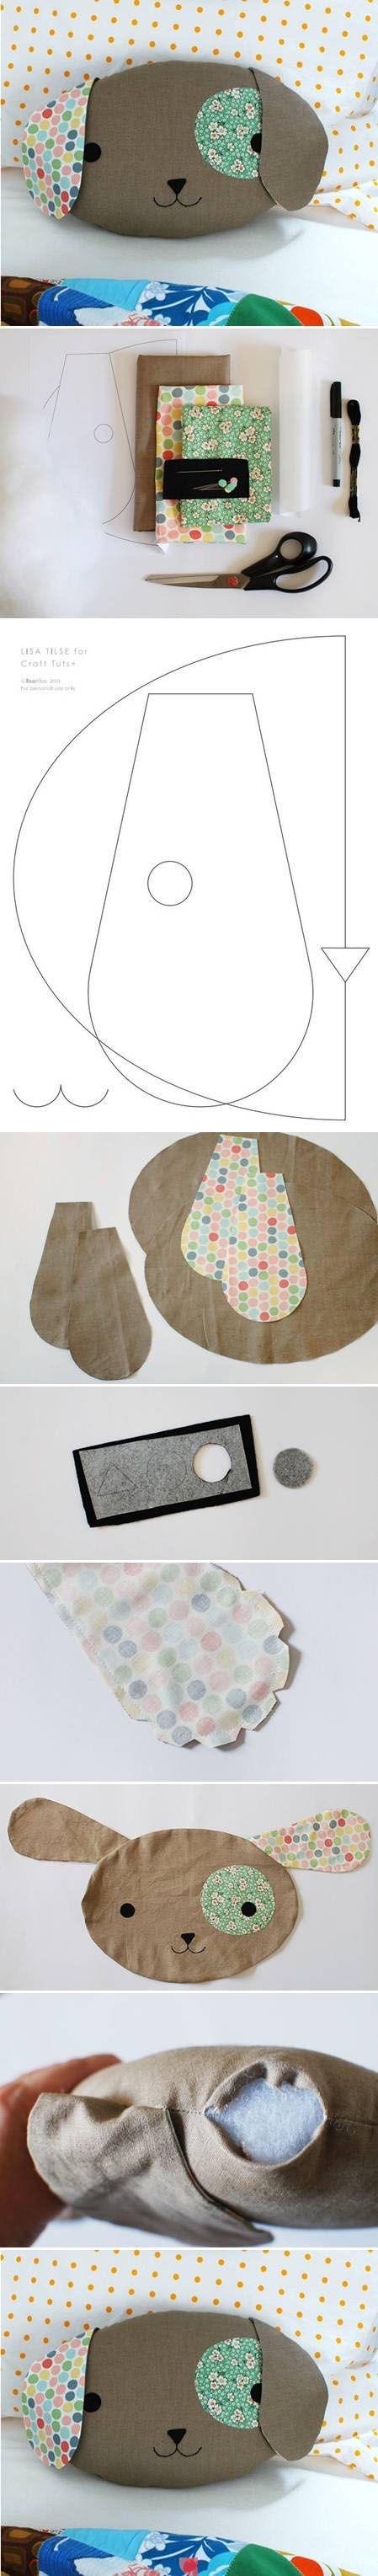 les 25 meilleures id es de la cat gorie coussin enfant sur pinterest diy coussin tricot. Black Bedroom Furniture Sets. Home Design Ideas